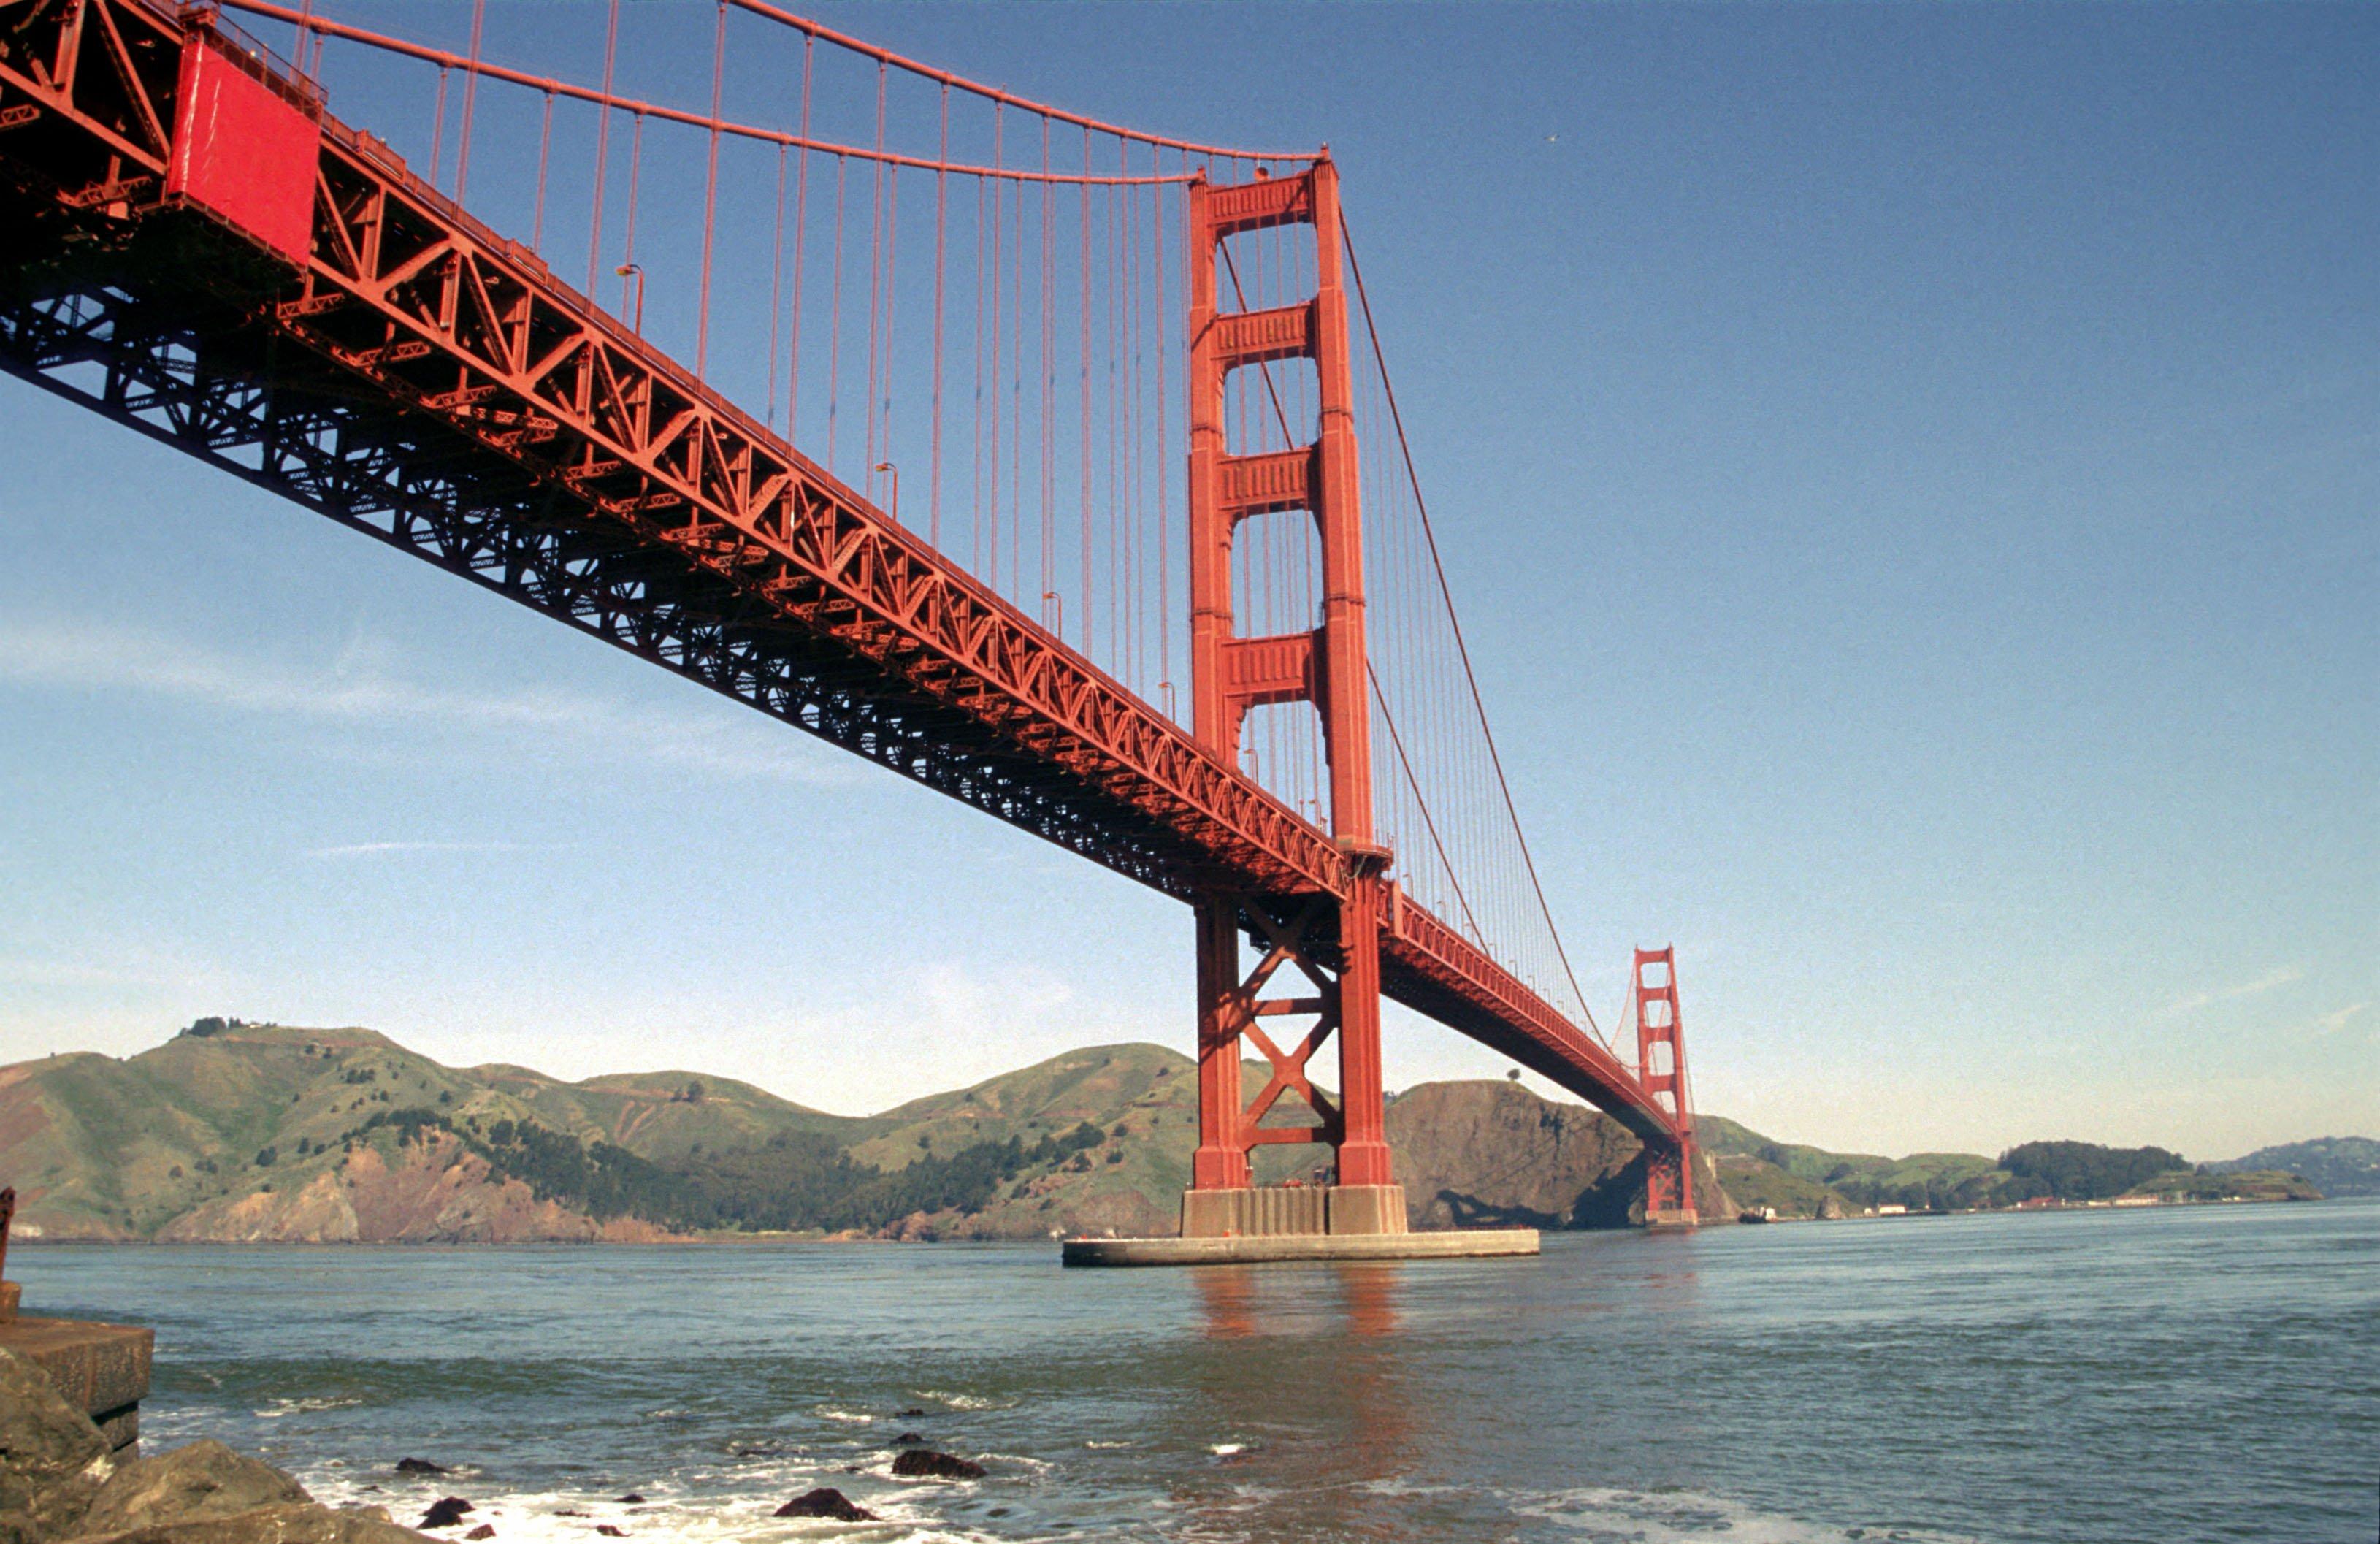 мост в лос анджелесе фото время службы его